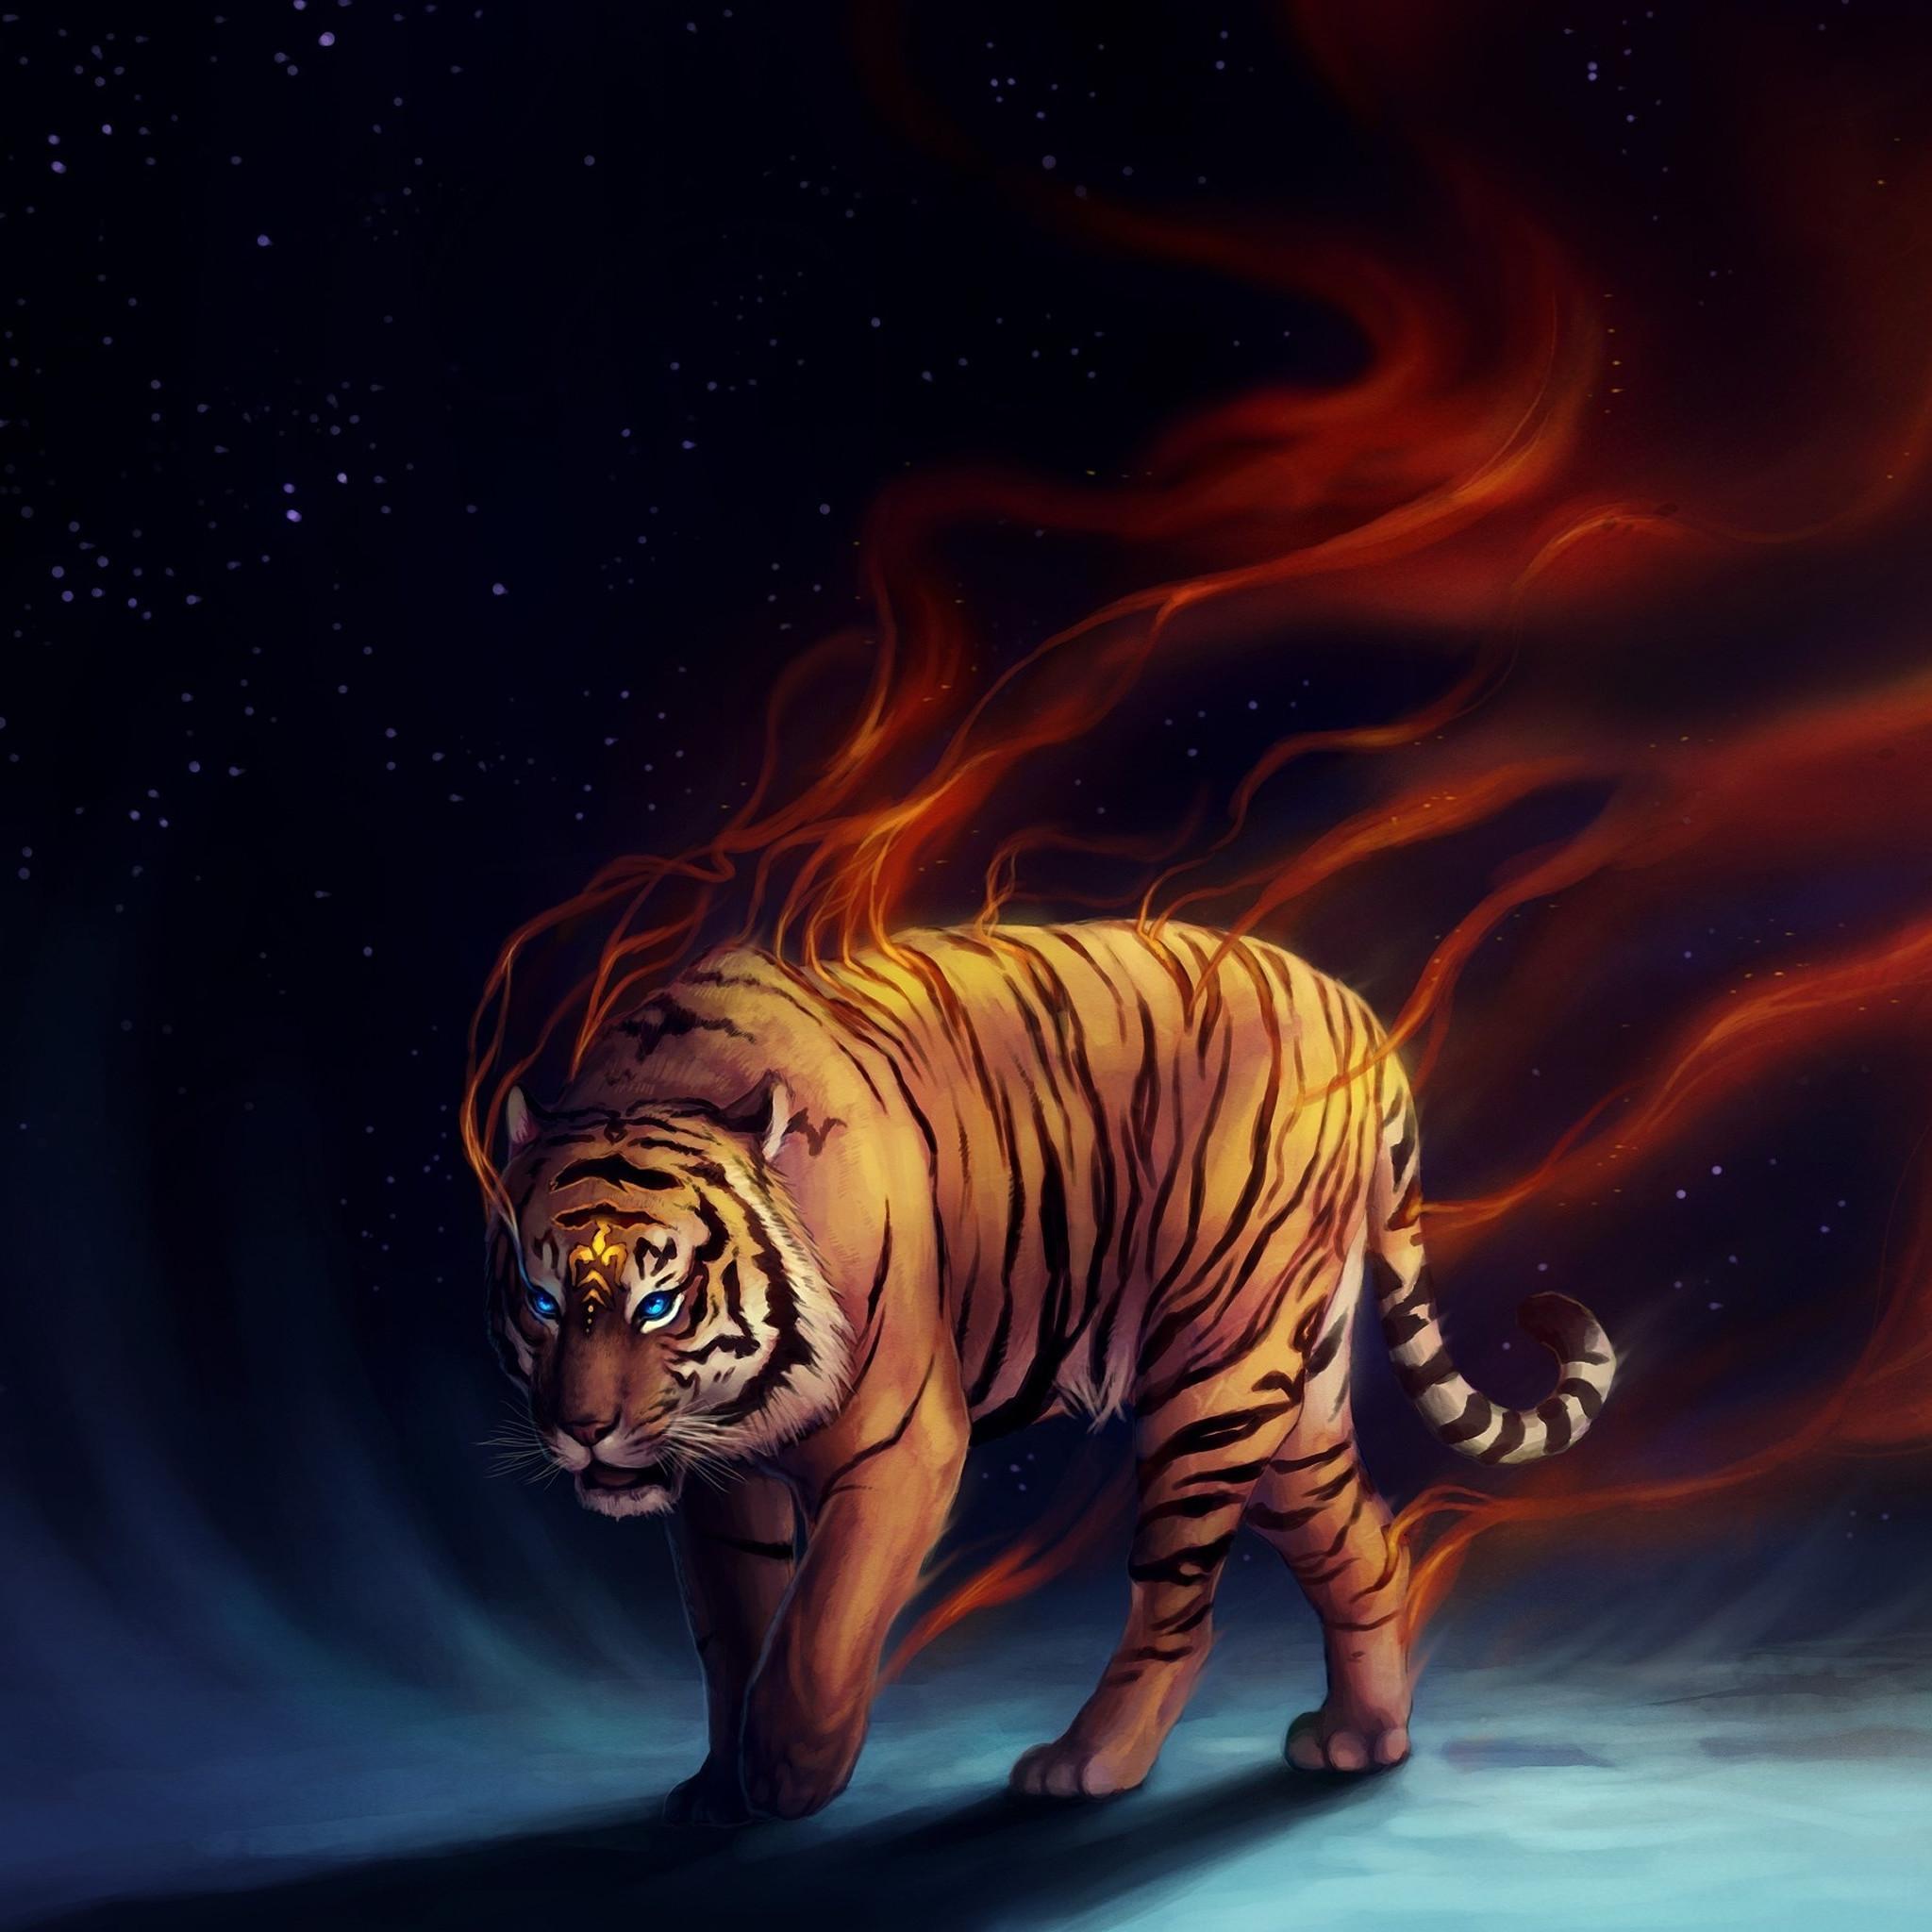 tiger wallpaper for ipad – wallpapersafari